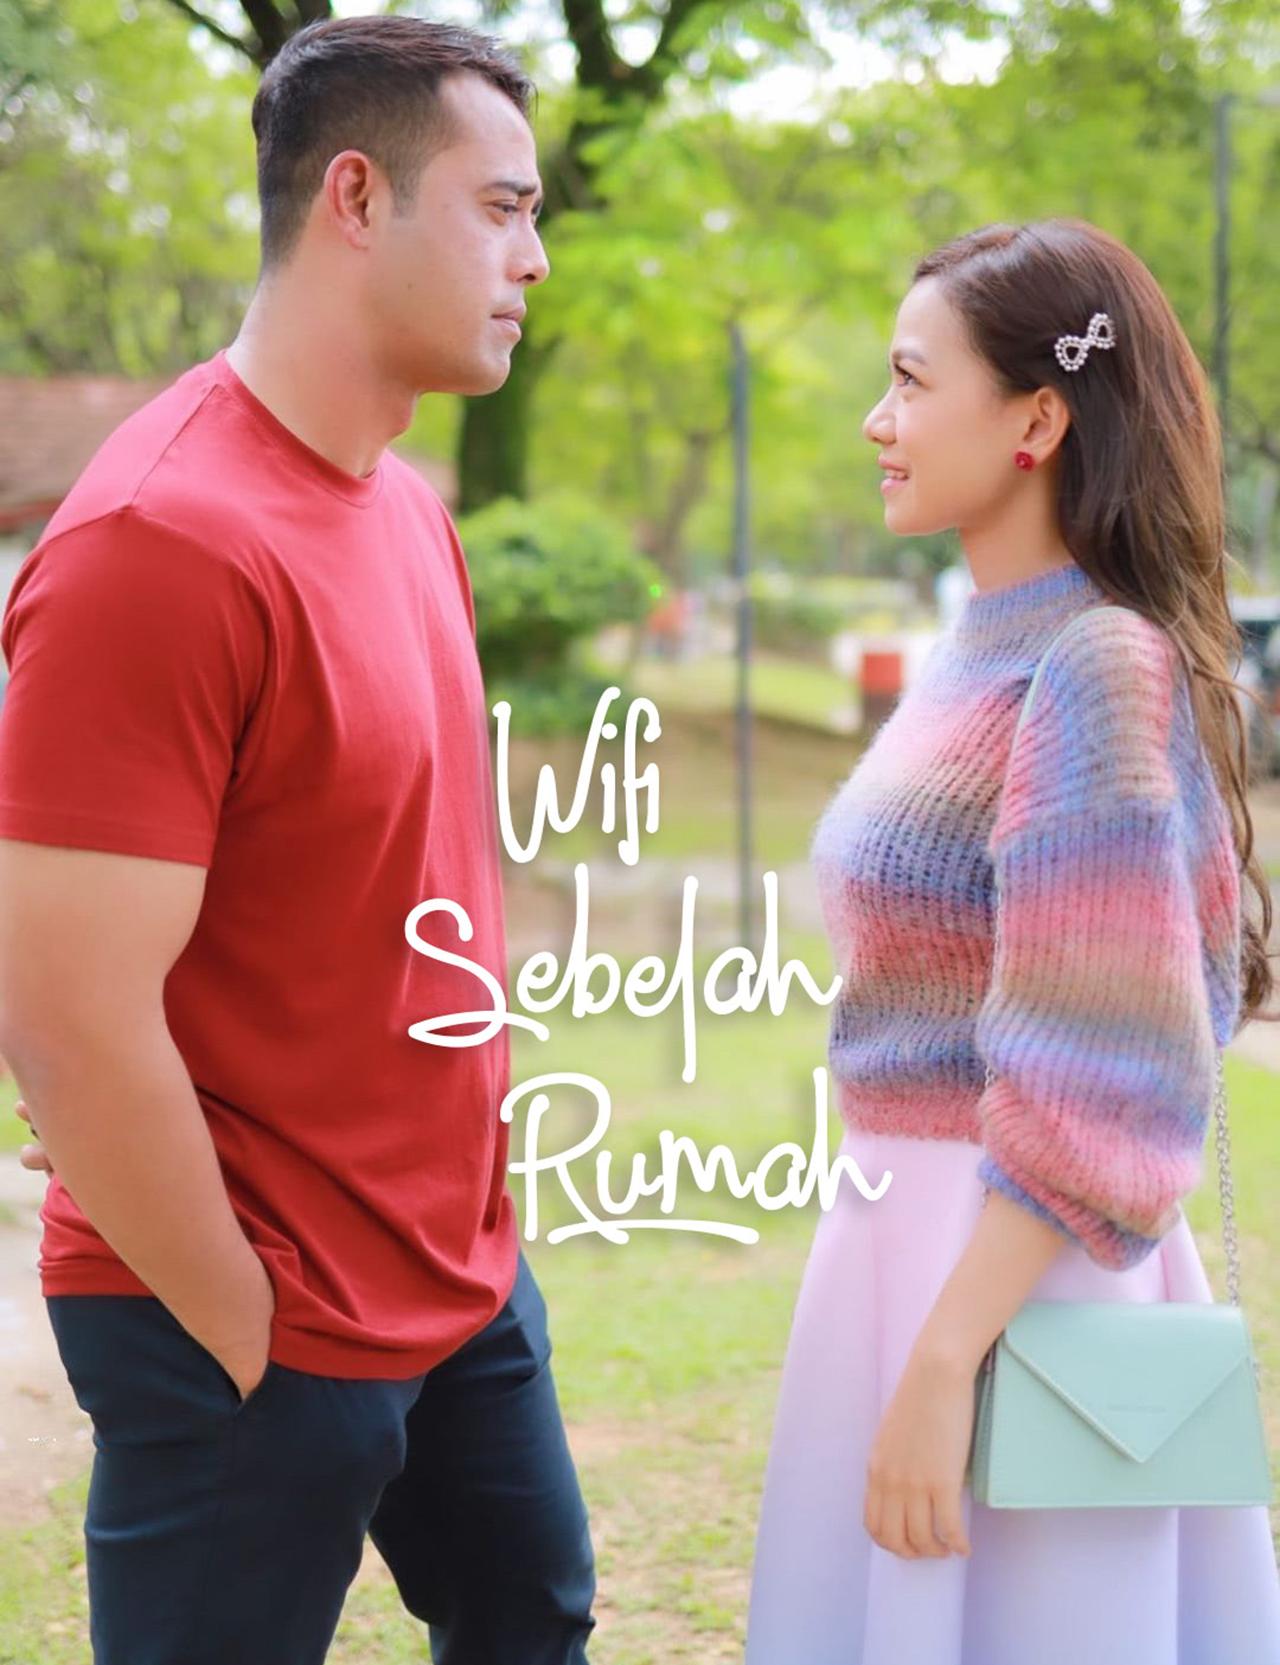 Drama Wifi Sebelah Episod 1-16(Akhir)